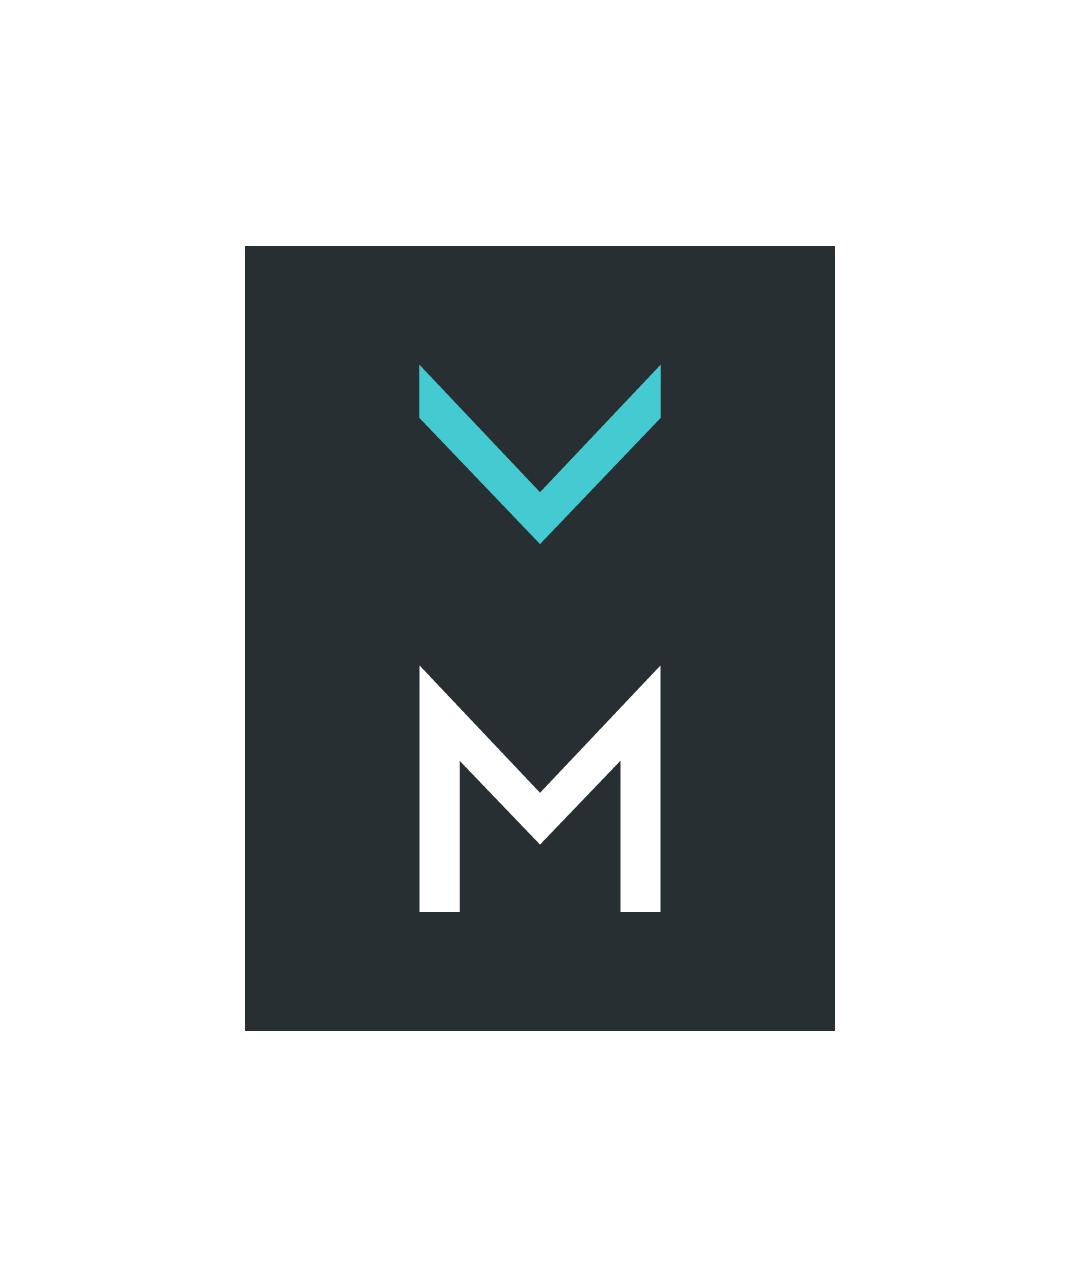 Møller Eiendom_logosymbol_RGB